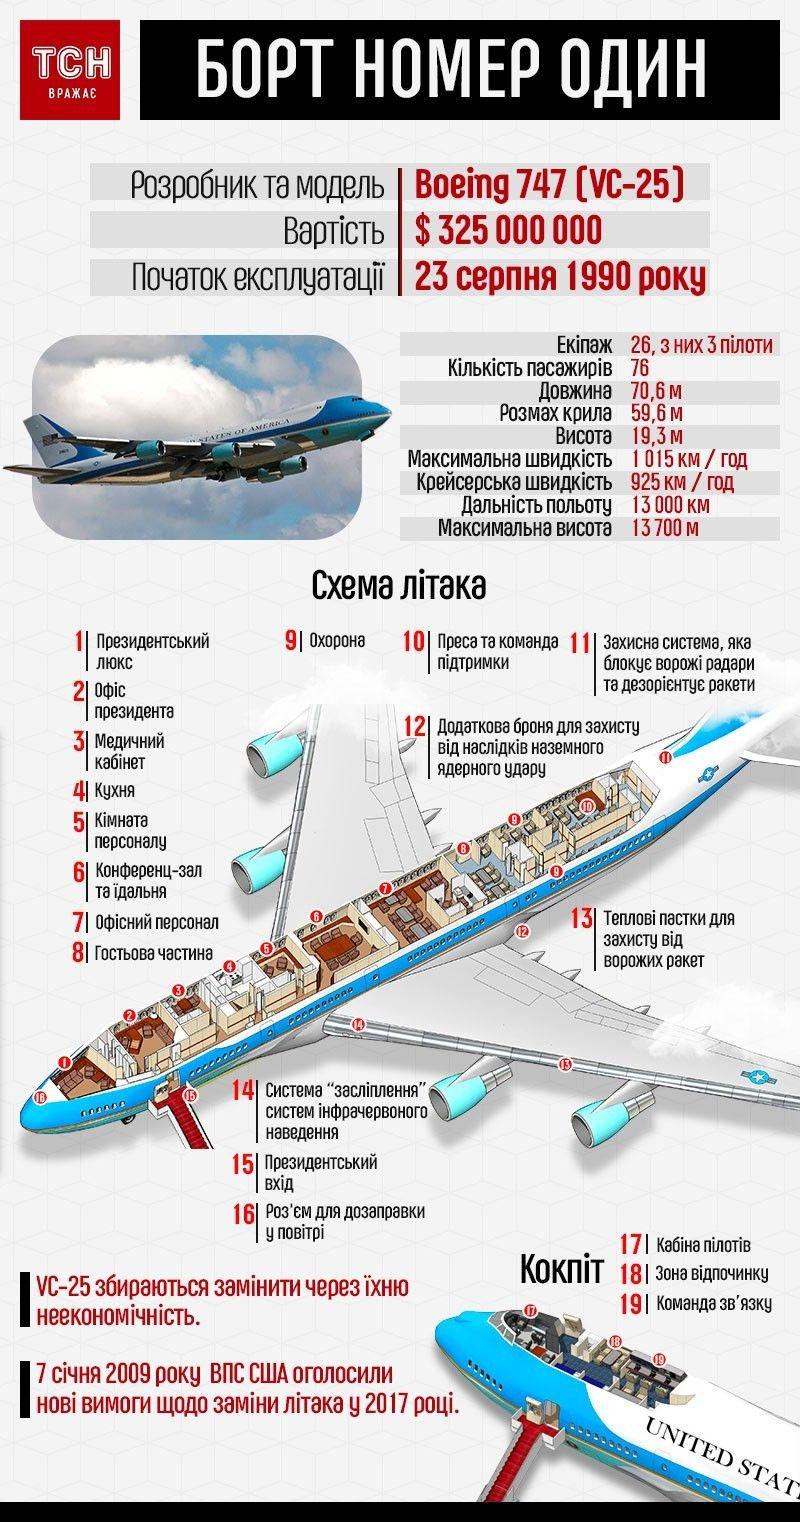 борт номер один, літак, інфографіка